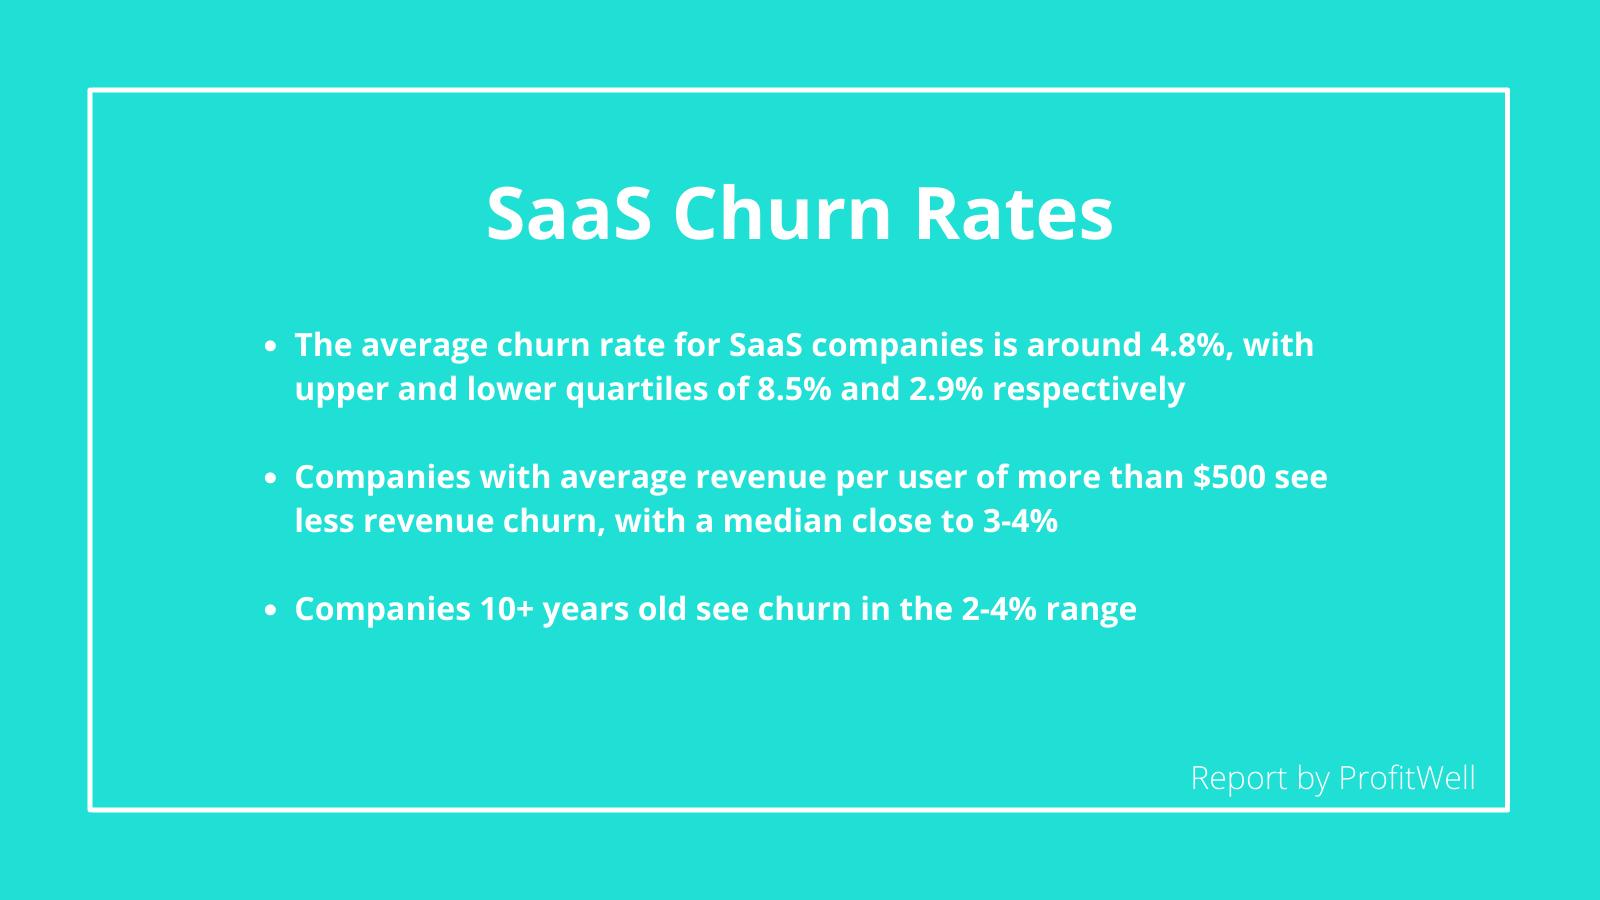 SaaS Churn Rates